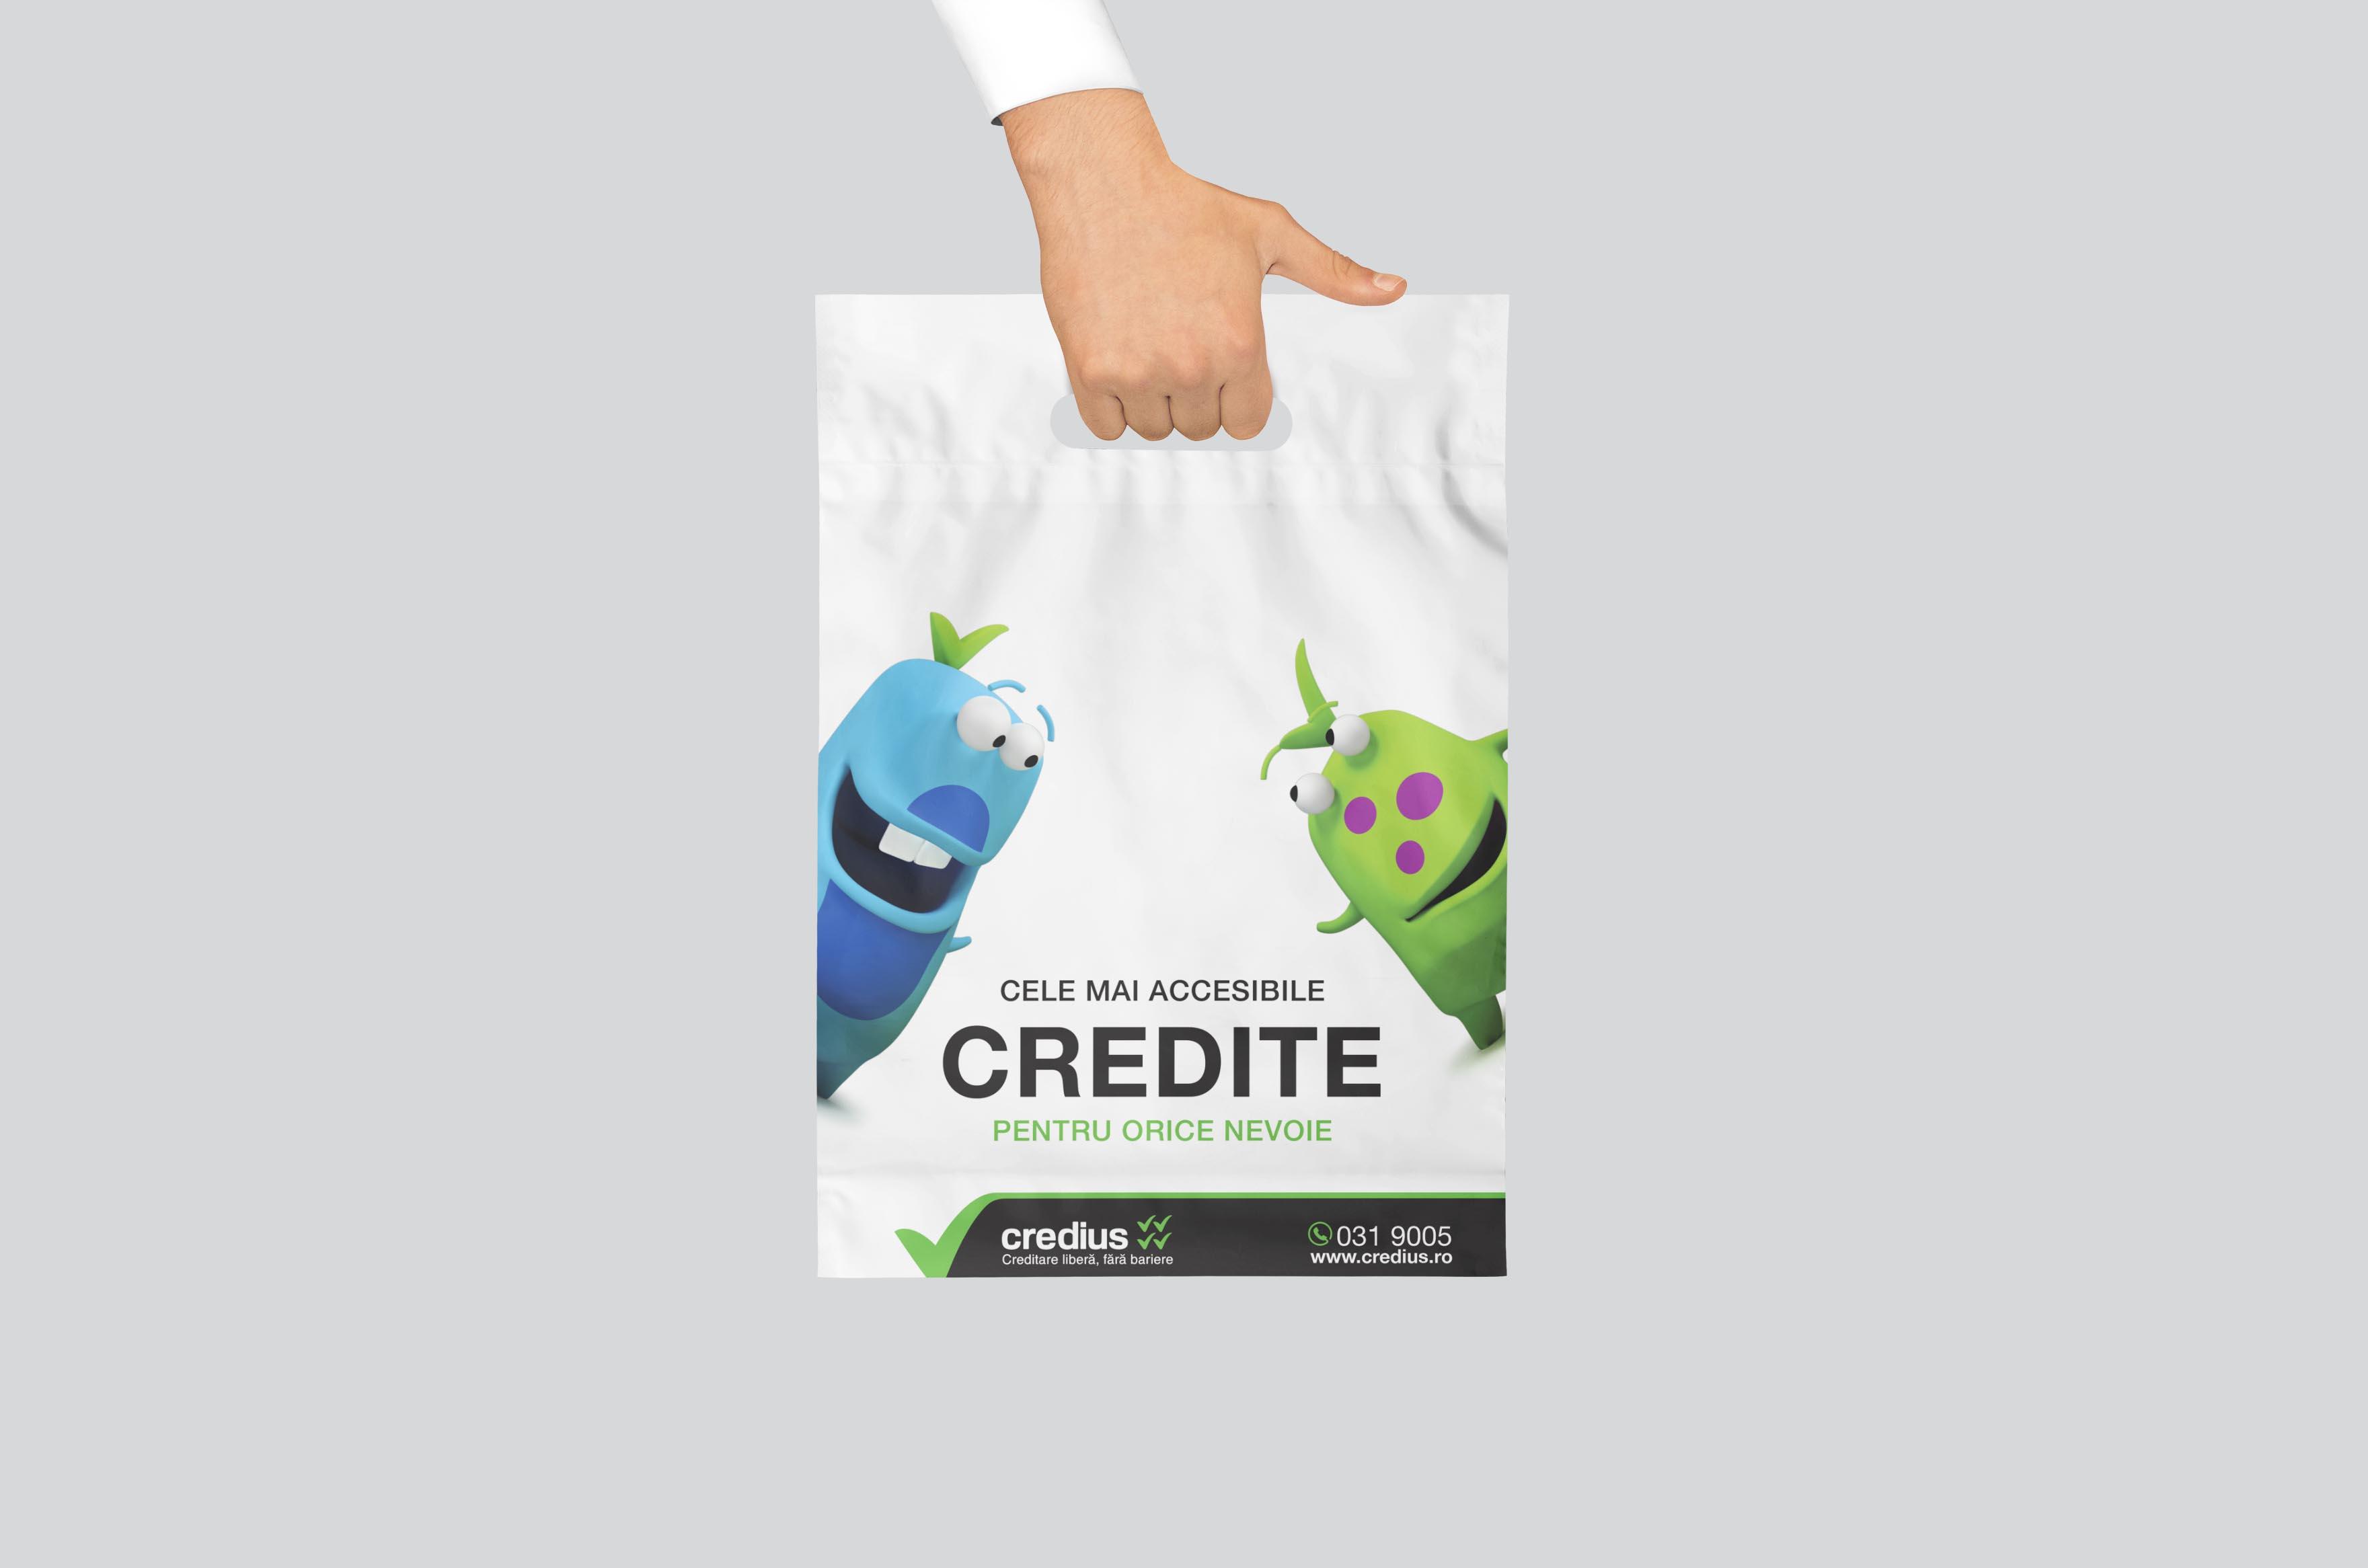 credius branding punga